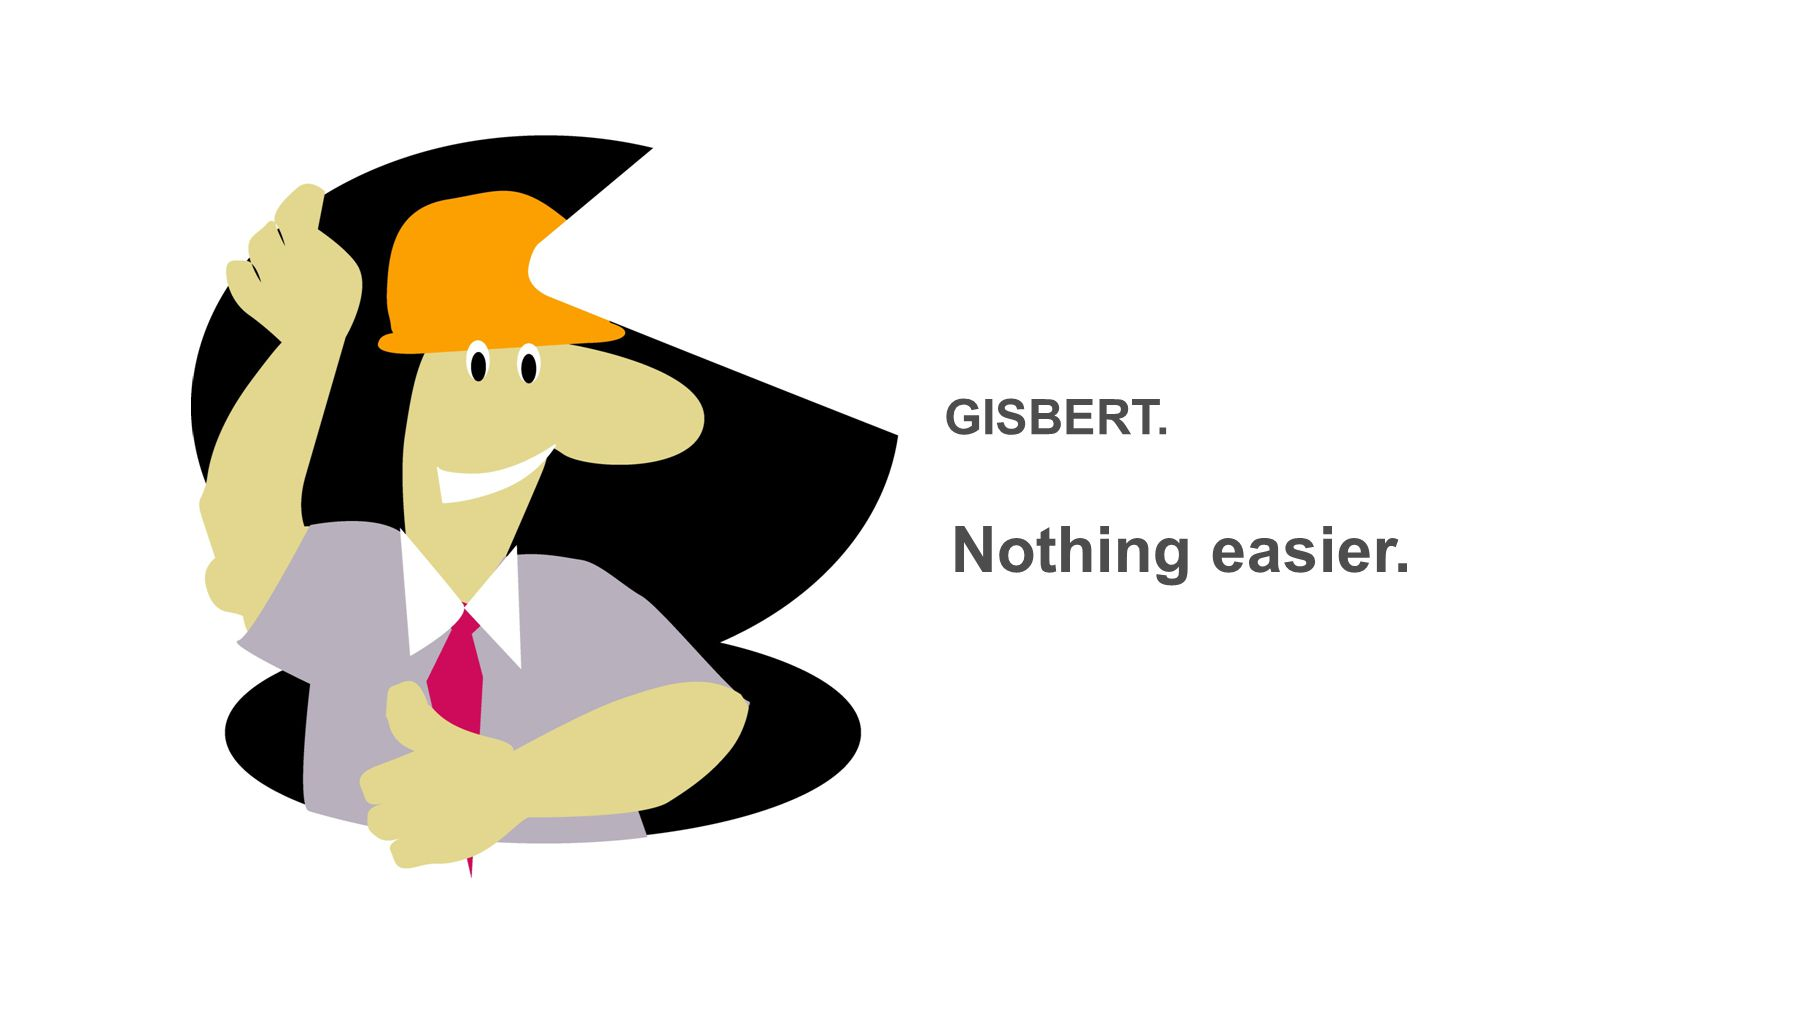 Nothing easier. GISBERT.